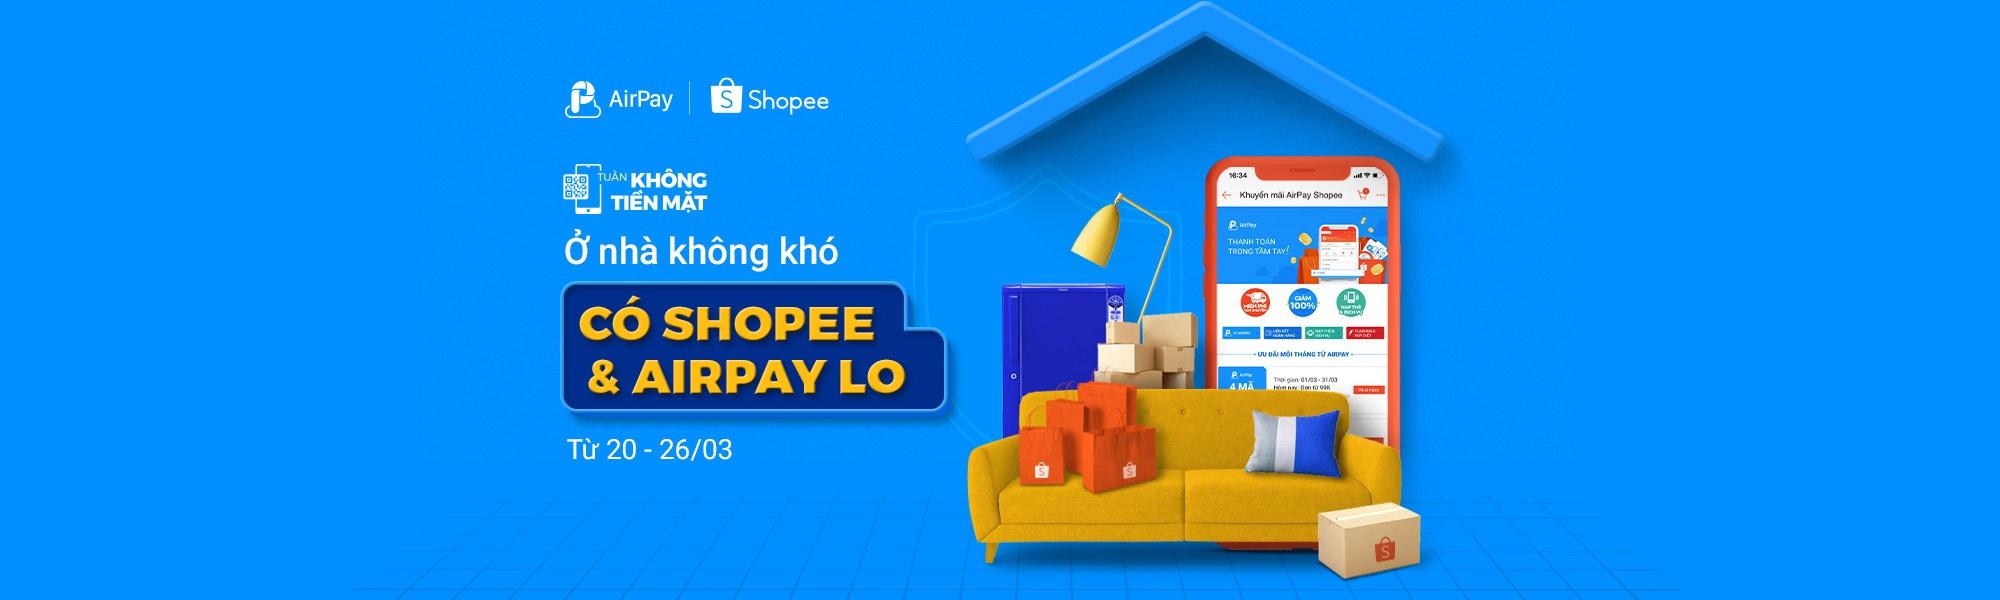 nha-khong-kho-co-shopee-va-airpay-lo